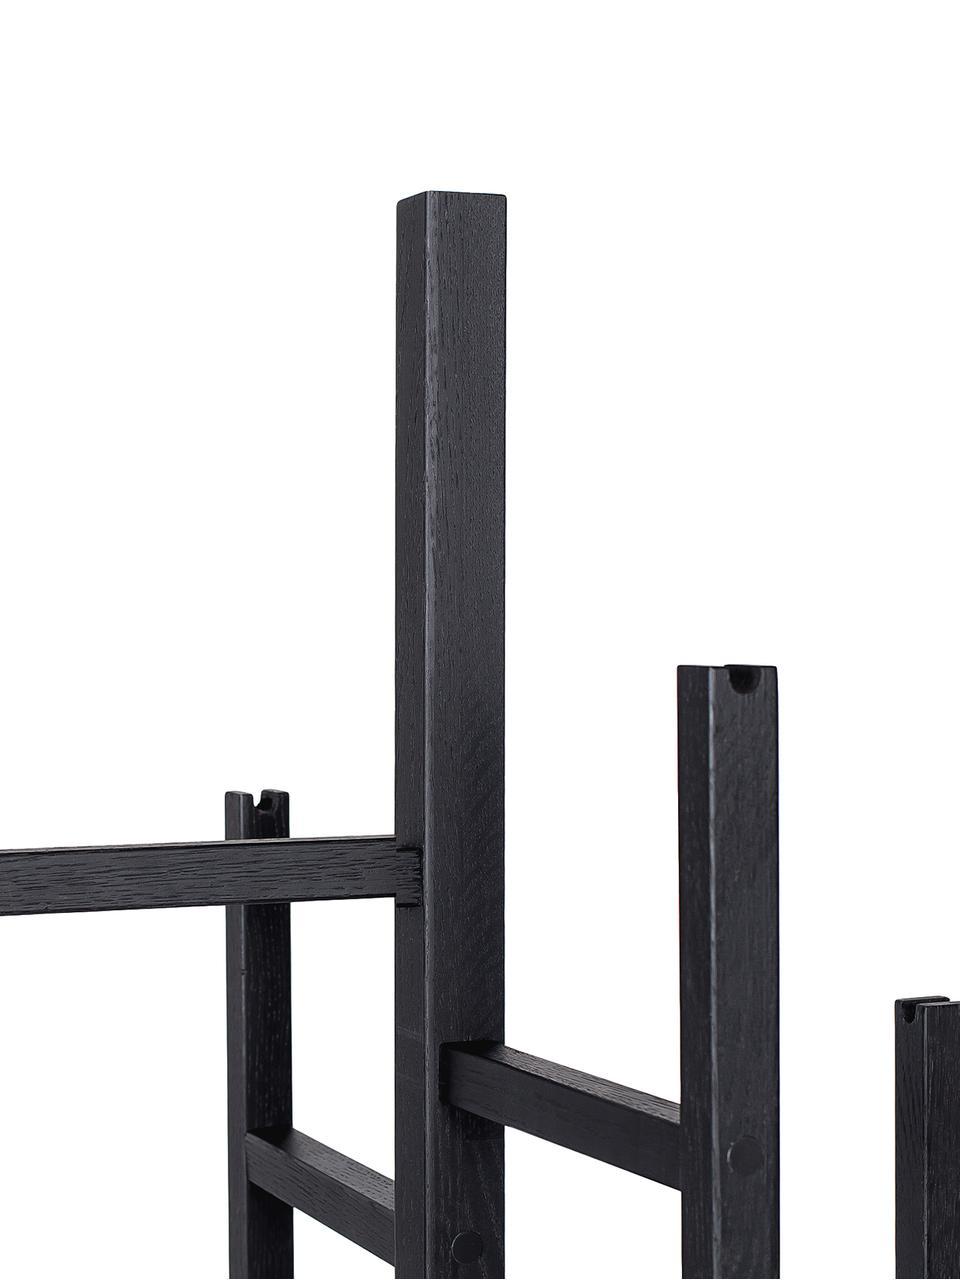 Moderne Garderobe Eigen mit 5 Haken, Eichenholz, massiv und lackiert, Schwarz, 47 x 175 cm